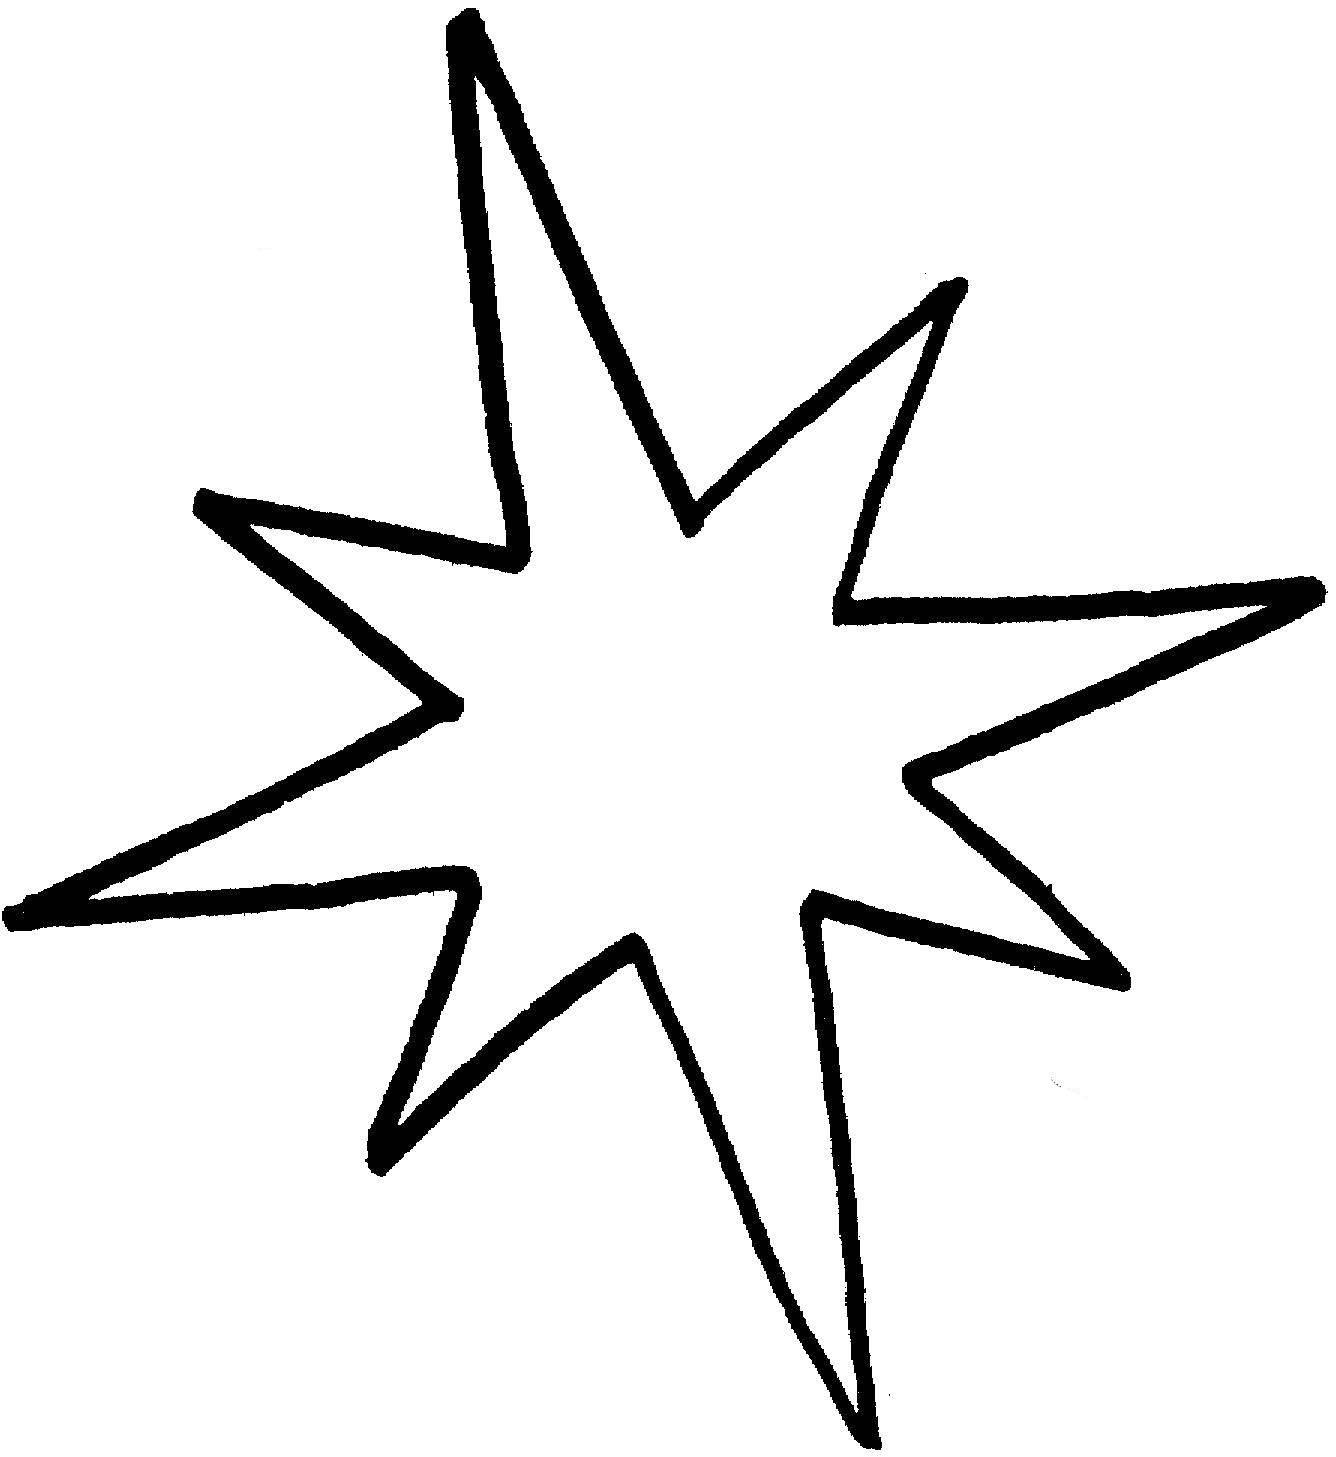 Раскраски контуры звезда для вырезания из бумаги для самых маленьких  Раскраски контуры звезда для вырезания из бумаги для самых маленьких